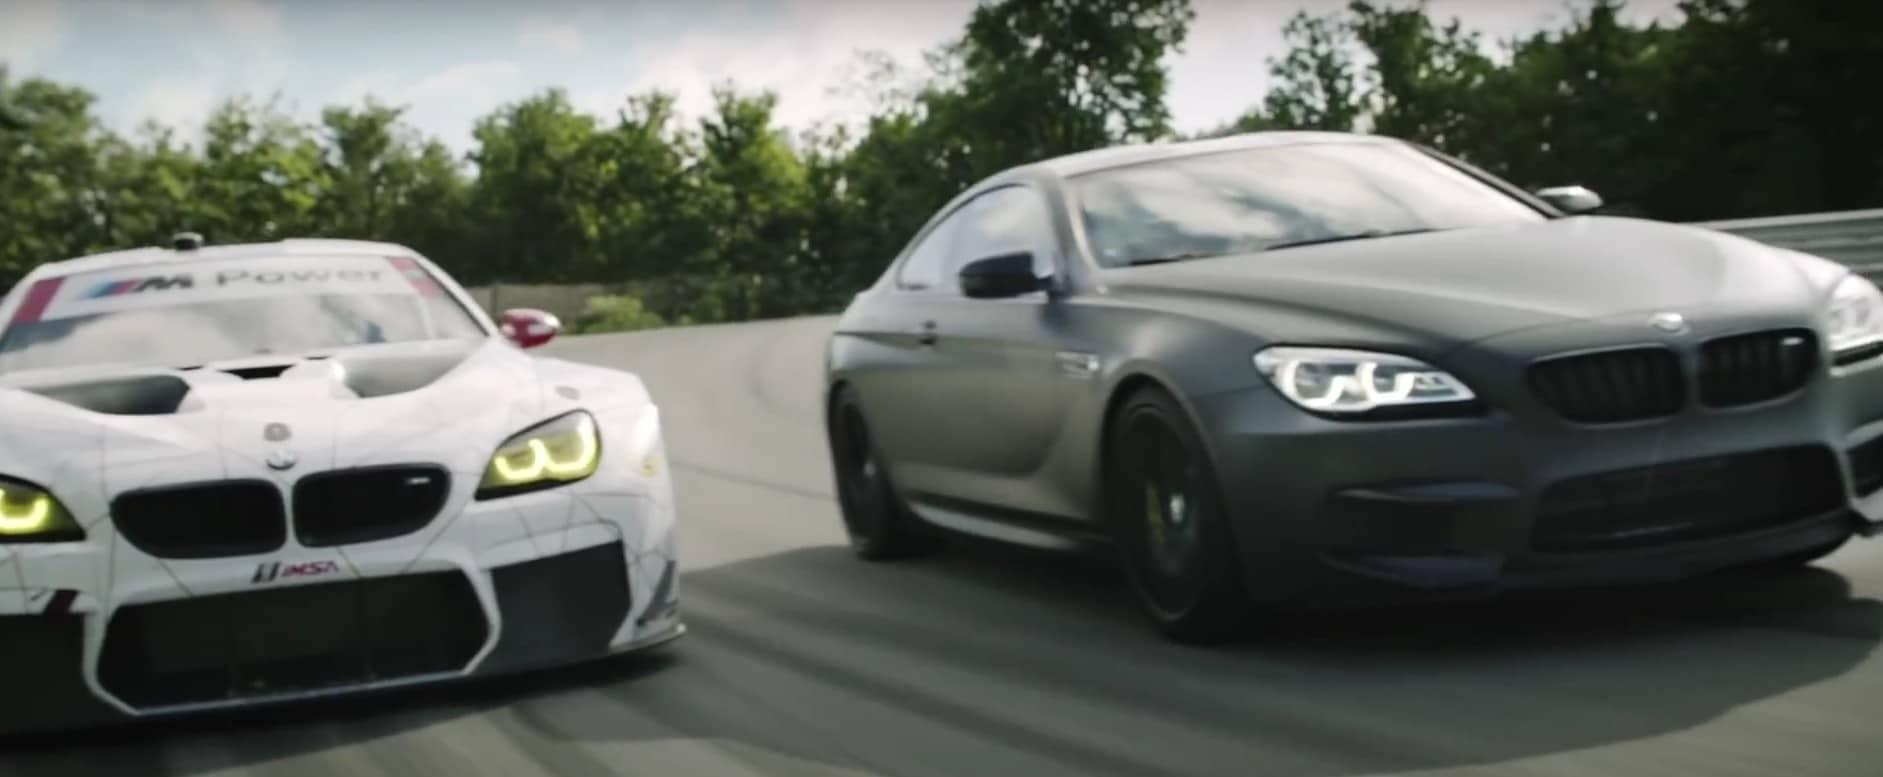 BMW Ultimate Racing Game: Echte Rennwagen mit einer Fernbedienung steuern